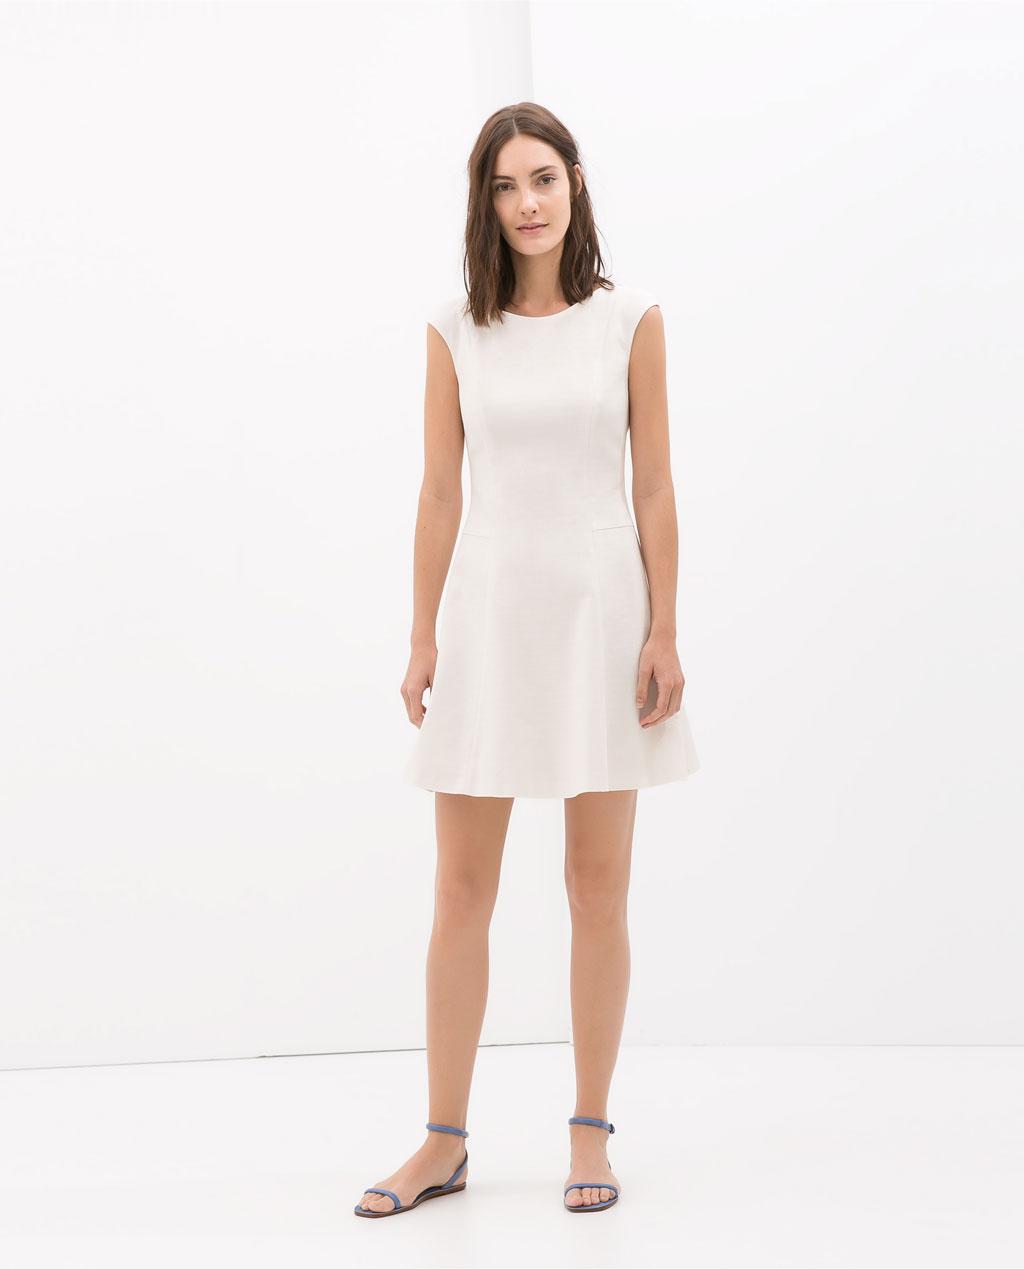 ENVÍO GRATUITO. El vestido perfecto para esa fiesta o celebración. Descubre las siluetas que están de moda esta temporada.